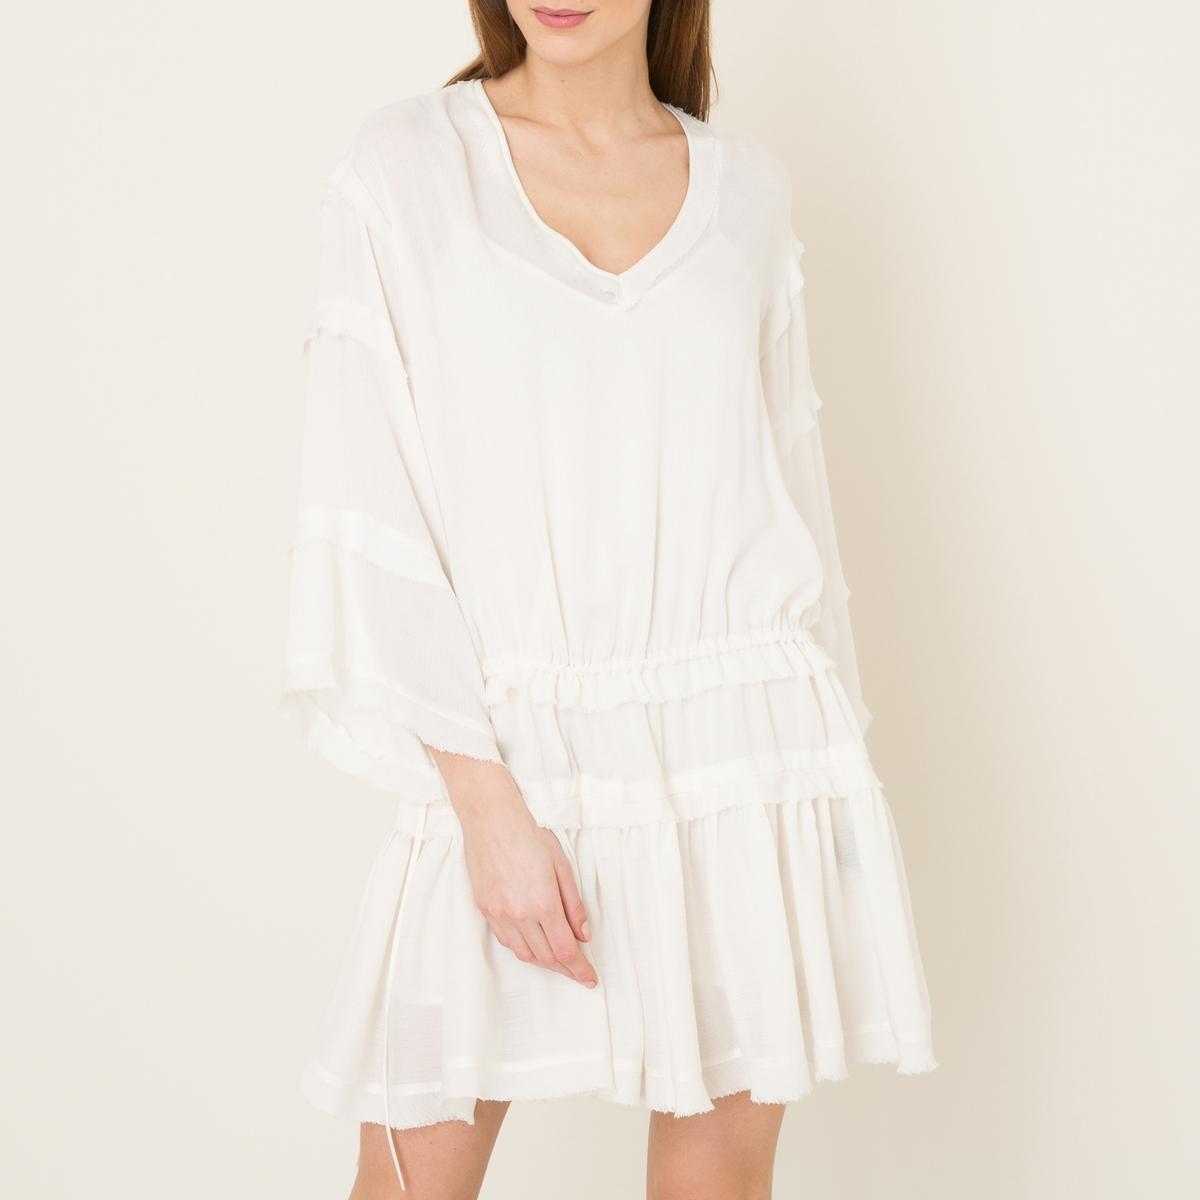 Платье из струящейся тканиСостав и описание Материал : 100% вискозаПодкладка из 100% вискозыДлина : 92 см.Марка : THE KOOPLES SPORT<br><br>Цвет: экрю